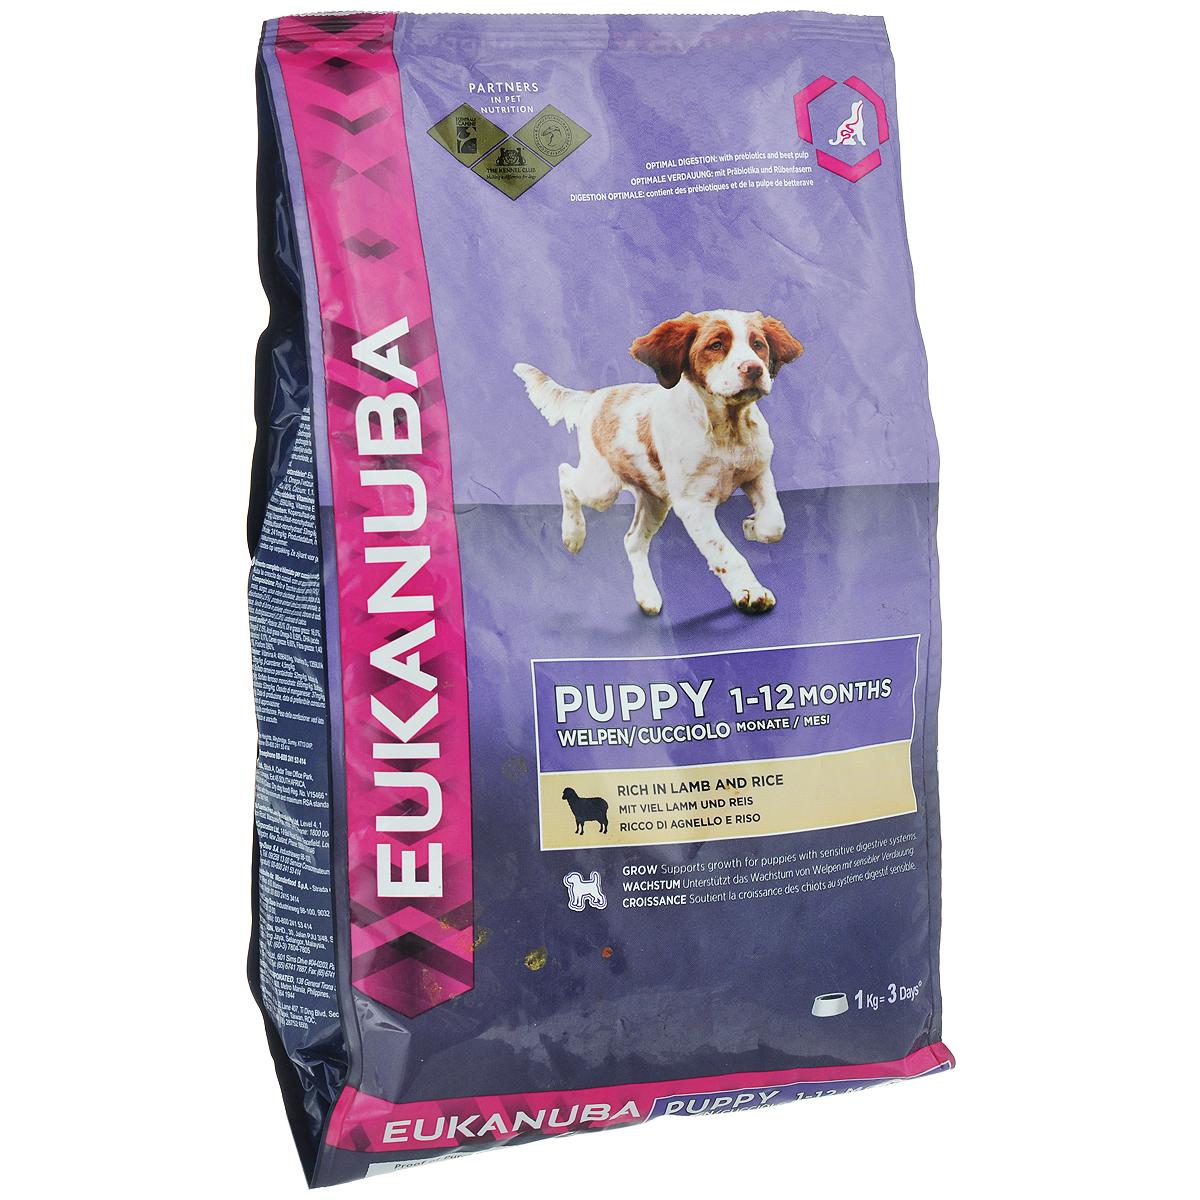 Корм сухой Eukanuba для щенков всех пород, с ягненком и рисом, 12 кг81377699Сухой корм Eukanuba является полноценным сбалансированным питанием для щенков всех пород. Корм Eukanuba заботится о здоровье вашего любимца.Особенности корма Eukanuba:- благодаря большому содержанию мяса ягненка содействует построению и сохранению мускулатуры для наилучшей физической формы;- важный антиоксидант поддерживает естественную защиту организма вашего щенка;- пребиотики и пульпа сахарной свеклы способствуют поддержанию здорового пищеварения путем обеспечения нормального функционирования кишечника; - оптимальное соотношение омега-6 и омега-3 жирных кислот помогает укреплять здоровье кожи и шерсти; - кальций способствует укреплению костей; - животные белки способствуют укреплению и поддержанию тонуса мышц;- ДГК стимулирует познавательность и обучаемость щенков.Сухой корм Eukanuba содержит только натуральные компоненты, которые необходимы для полноценного и здорового питания домашних животных. Корма от фирмы Eukanuba положительно зарекомендовали себя на российском рынке еще и потому, что они не содержат никаких красителей и ароматизаторов, а сбалансированное содержание всех необходимых витаминов и минералов избавляет вас от необходимости давать вашему любимцу дополнительные добавки к пище.Характеристики: Состав: сублимированное мясо курицы и индейки, мясо ягненка 14%, рис 14%, кукуруза, сорго, сухое цельное яйцо, рыбная мука, сушеная свекольная масса 2,6%, животный жир, гидролизат белка животного происхождения, сухие пивные дрожжи, рыбий жир, хлорид калия, поваренная соль, кальция гидрогенфосфат, фруктоолигосахариды 0,26%, карбонат кальция.Пищевая ценность: протеин 28%, жир 16%, жирные кислоты Омега-6 2,19%, жирные кислоты Омега-3 0,47%, DHA 0,17%, влажность 8%, минералы 6,6%, клетчатка 1,4%, кальций 1,4%, фосфор 0,9%.Добавки на 1 кг: витамин А 40964 МЕ, витамин Д3 1359 МЕ, витамин Е 228 мг, бета-каротин 4,5 мг, моногидрат основного карбоната кобальта 0,55 мг, пентагидрат сульфата меди